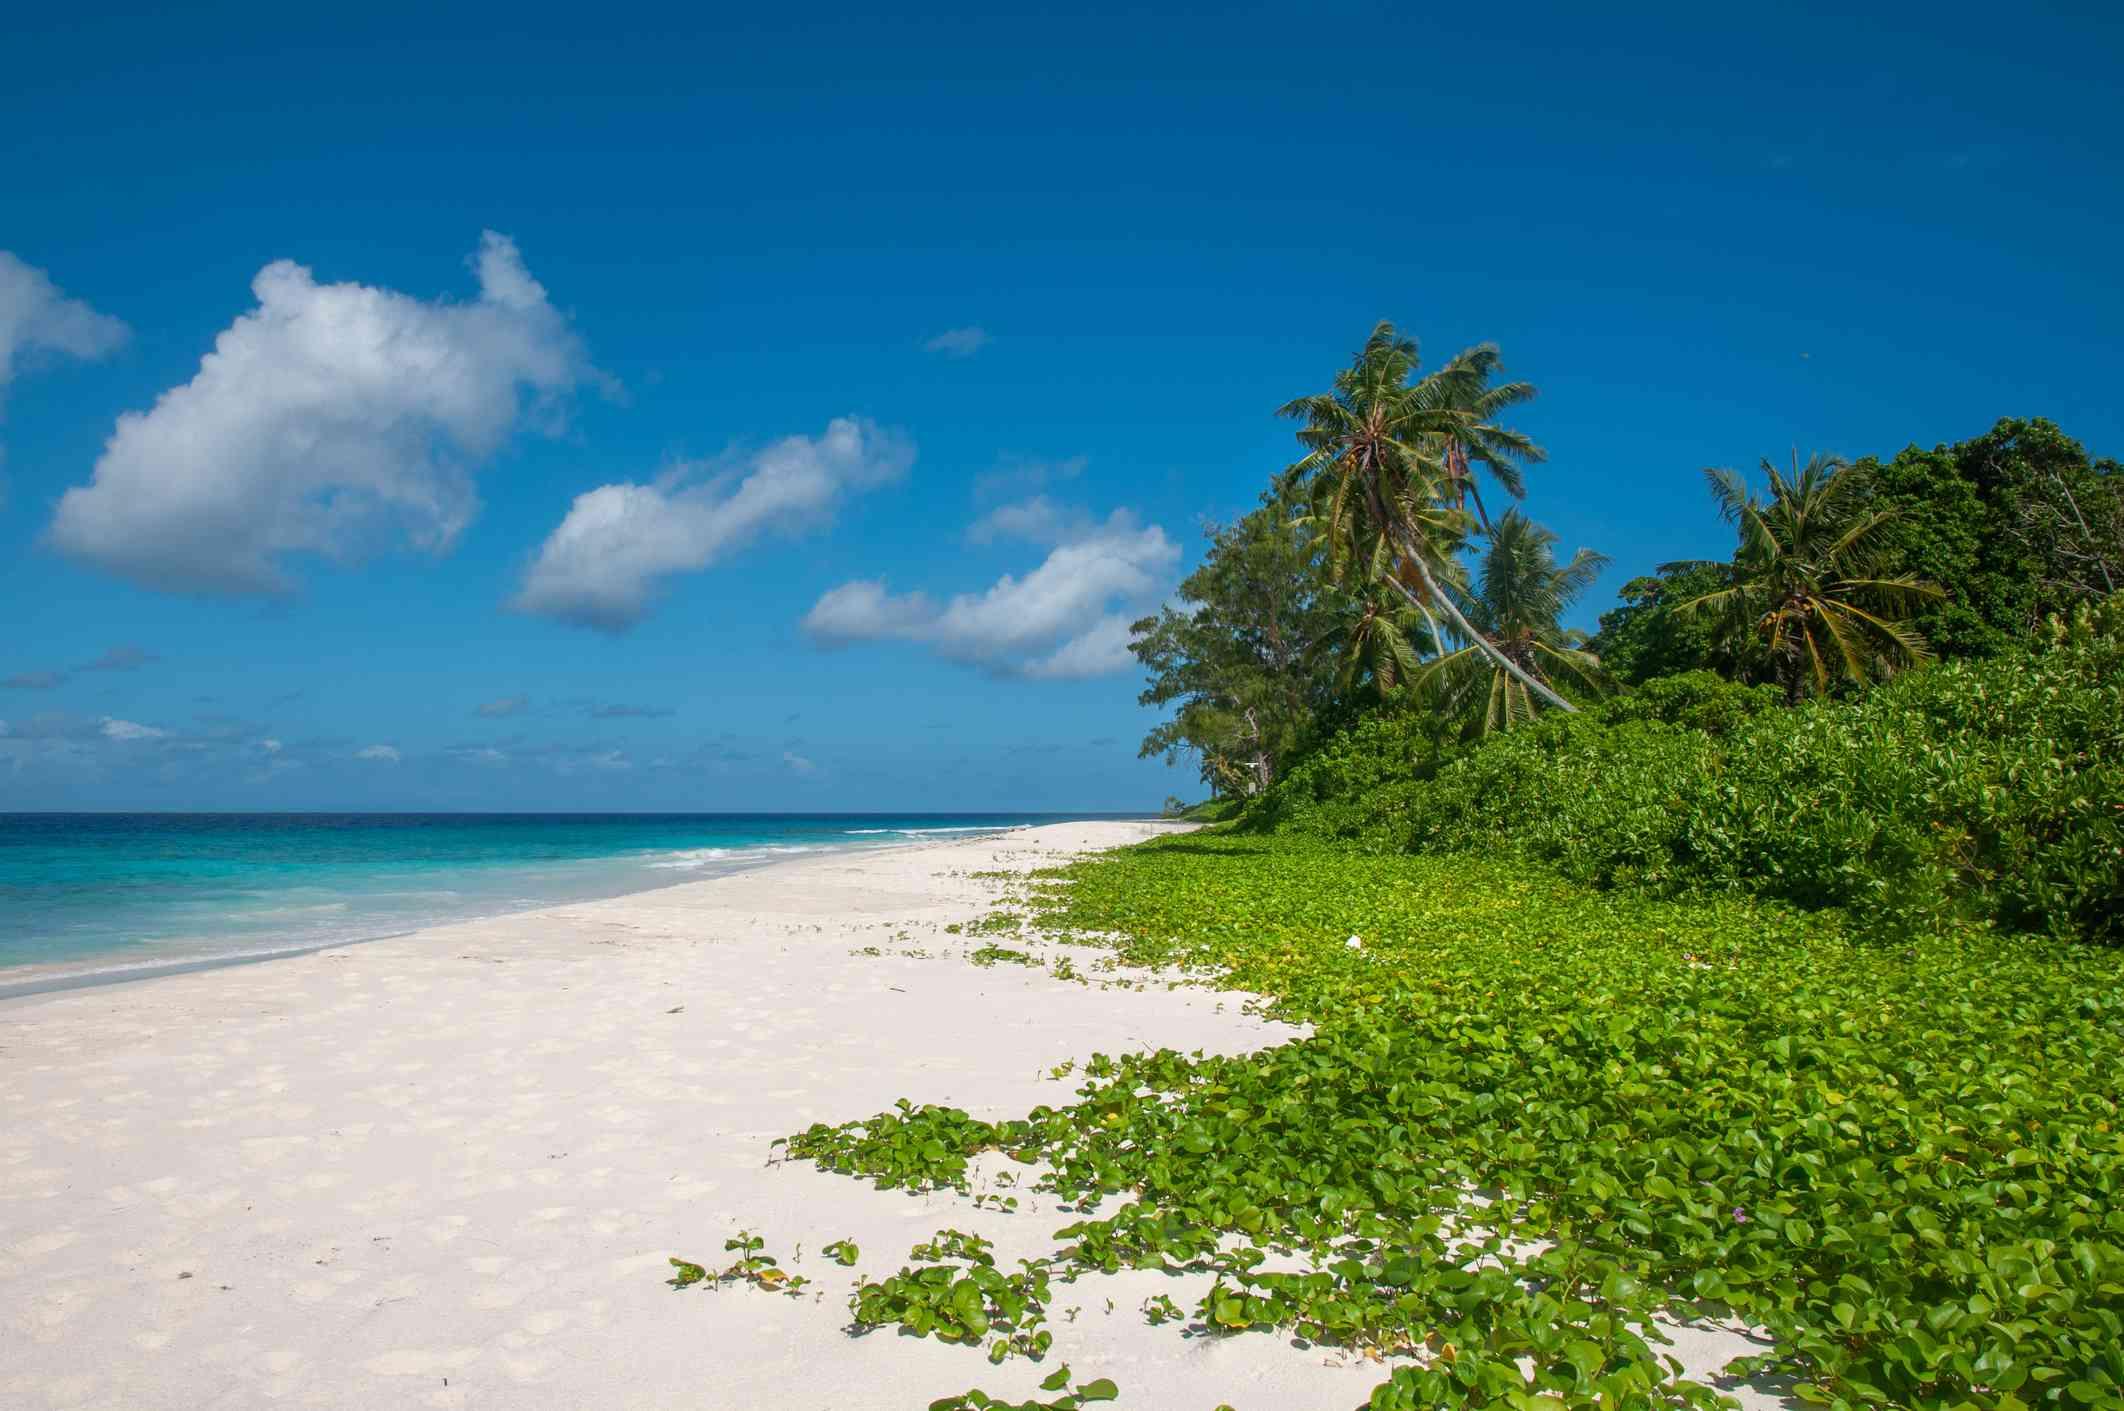 Tropical beach in Aride Island